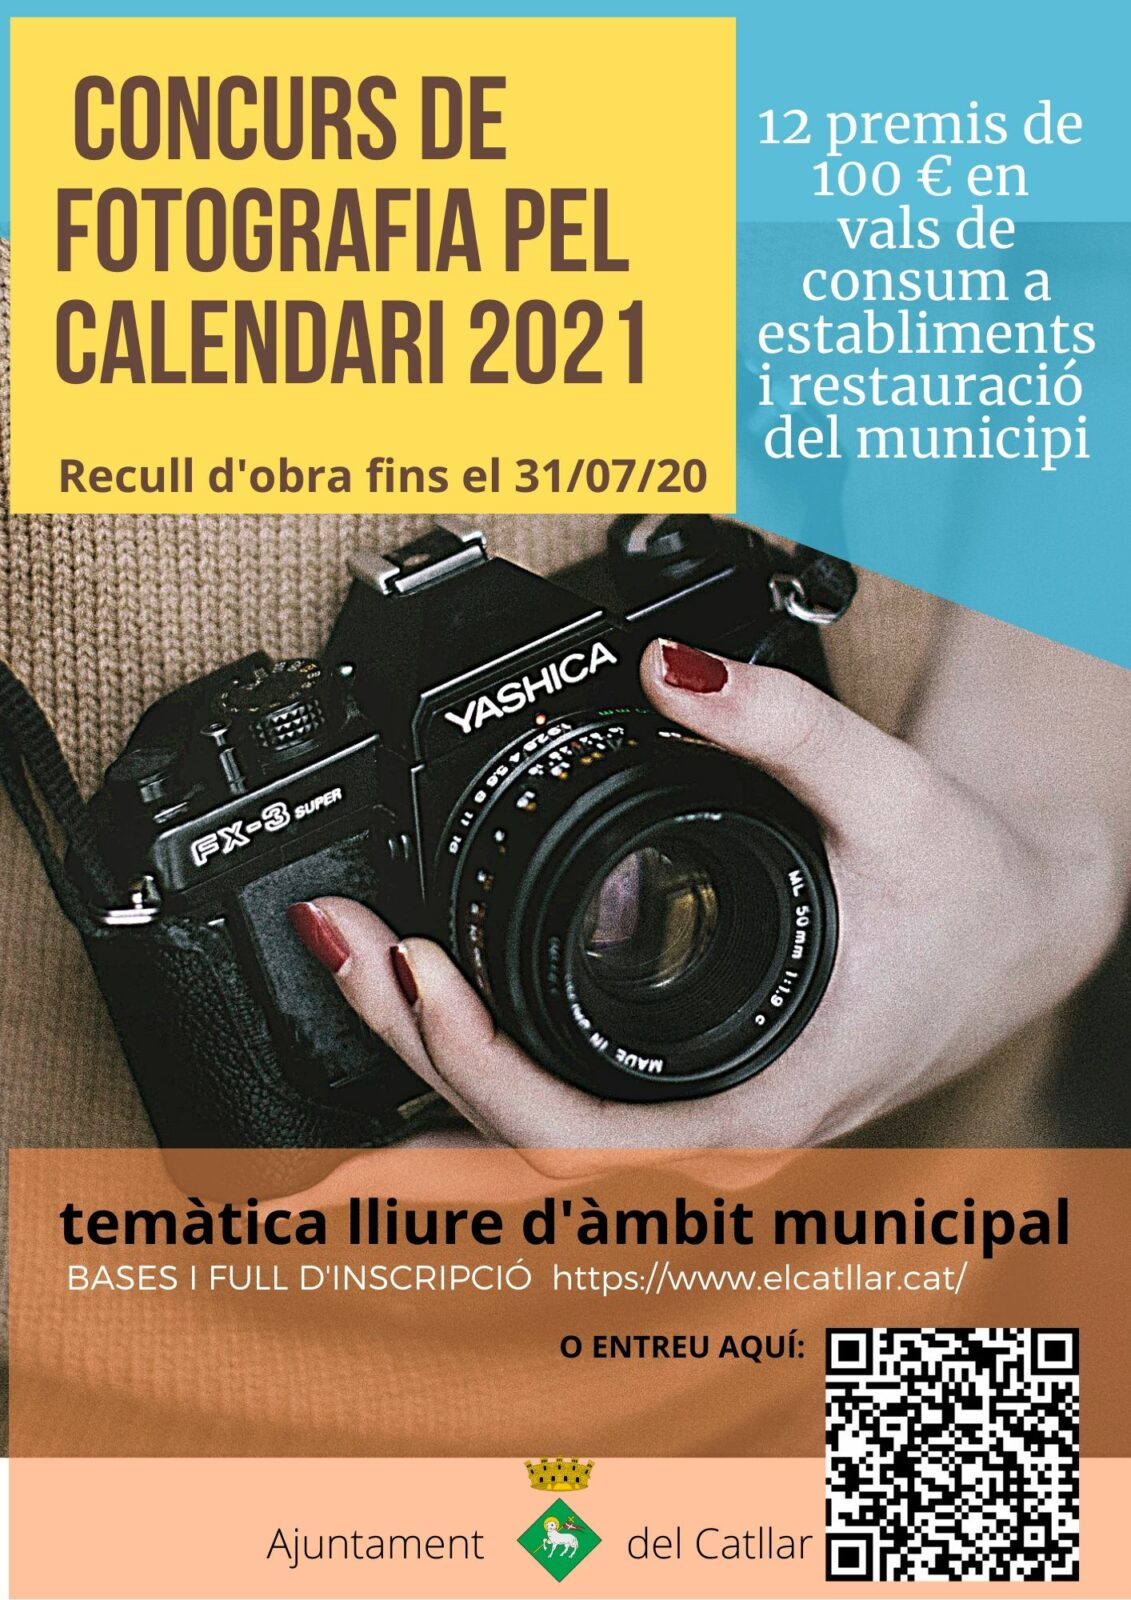 CONCURS DE FOTOGRAFIA PEL CALENDARI 2021